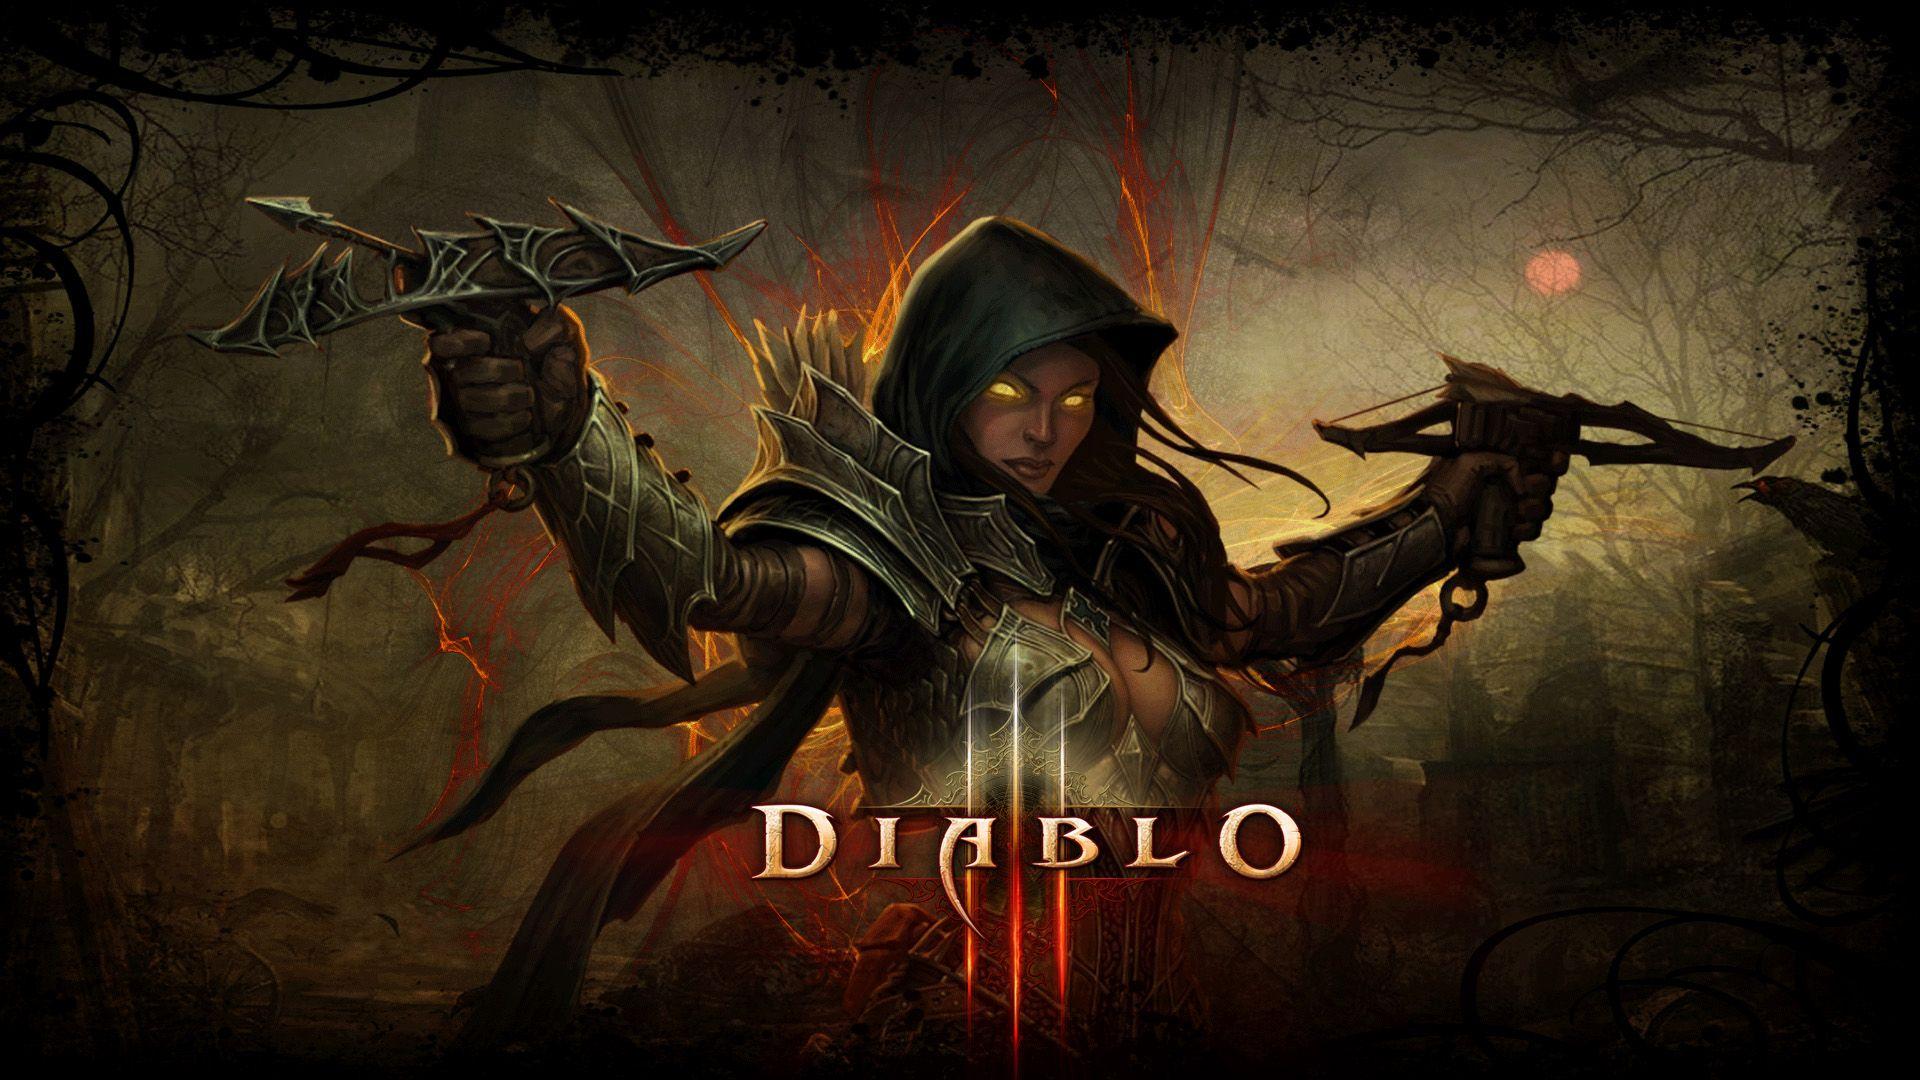 Diablo Iii Reaper Of Souls Demon Hunter Wallpaper Demon Hunter Demon Diablo